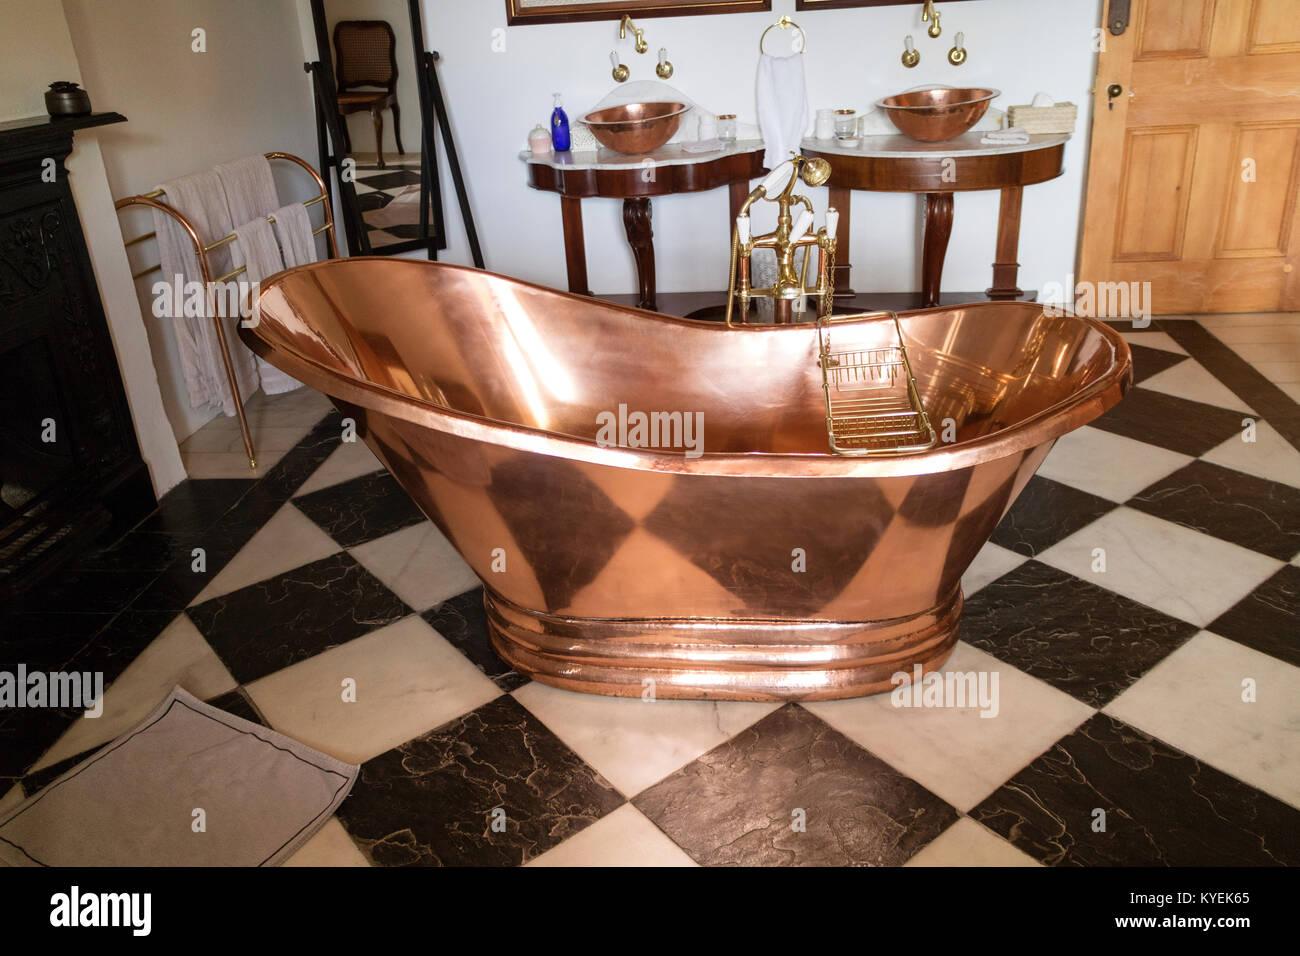 Ein Kupfer Badewanne Auf Einem Schwarz Weiß Gefliesten Boden